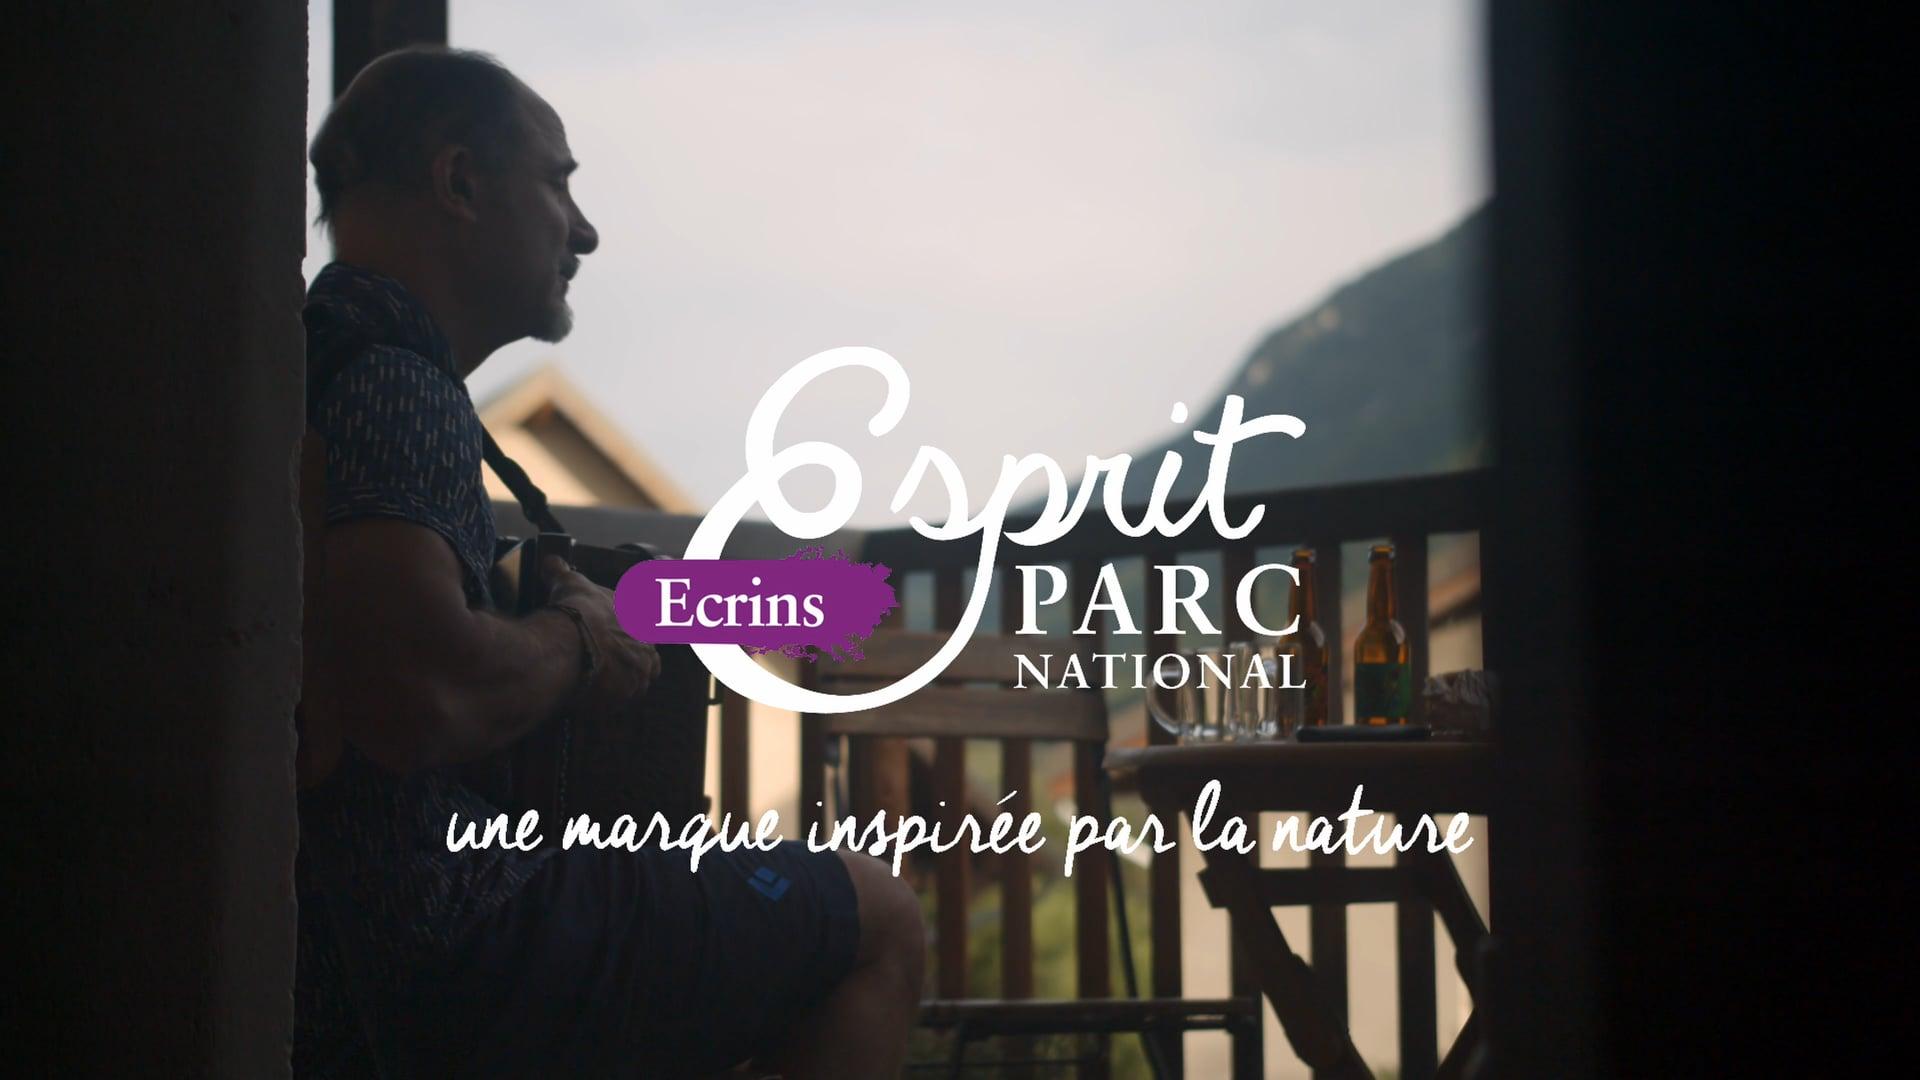 Esprit Parc National – Le portrait de Pierre